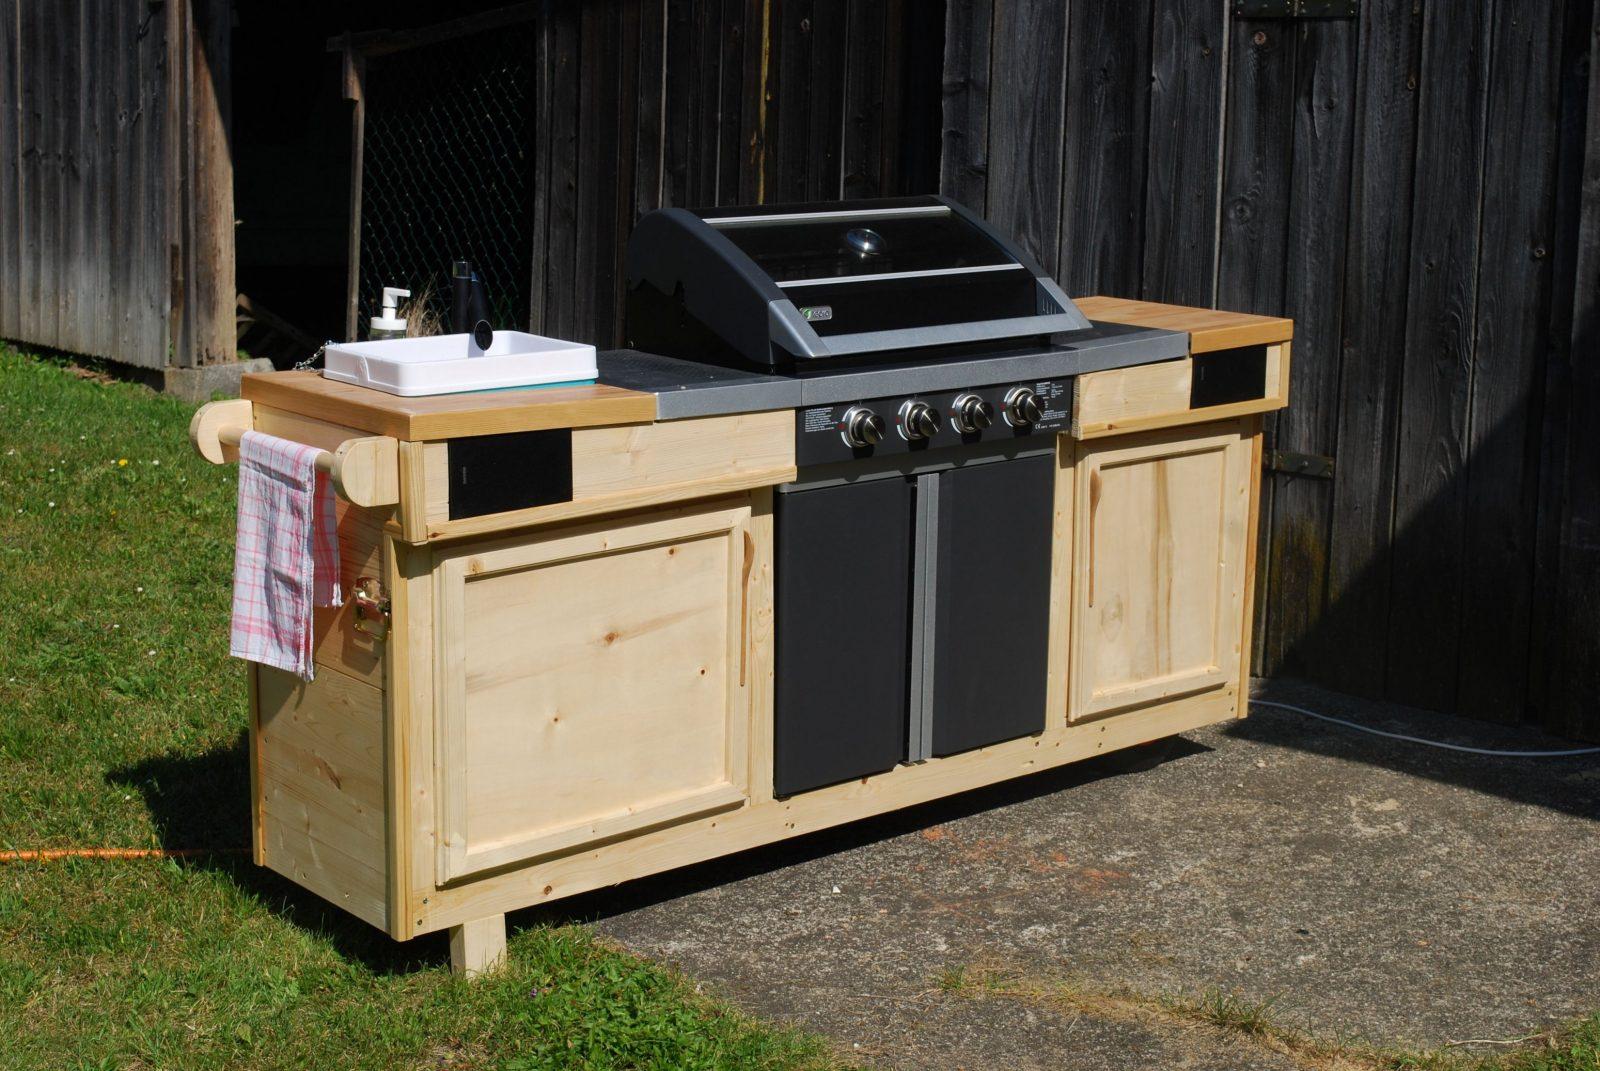 Grillomobil  Meine Outdoorküche Bauanleitung Zum Selber Bauen von Außenküche Selber Bauen Holz Bild